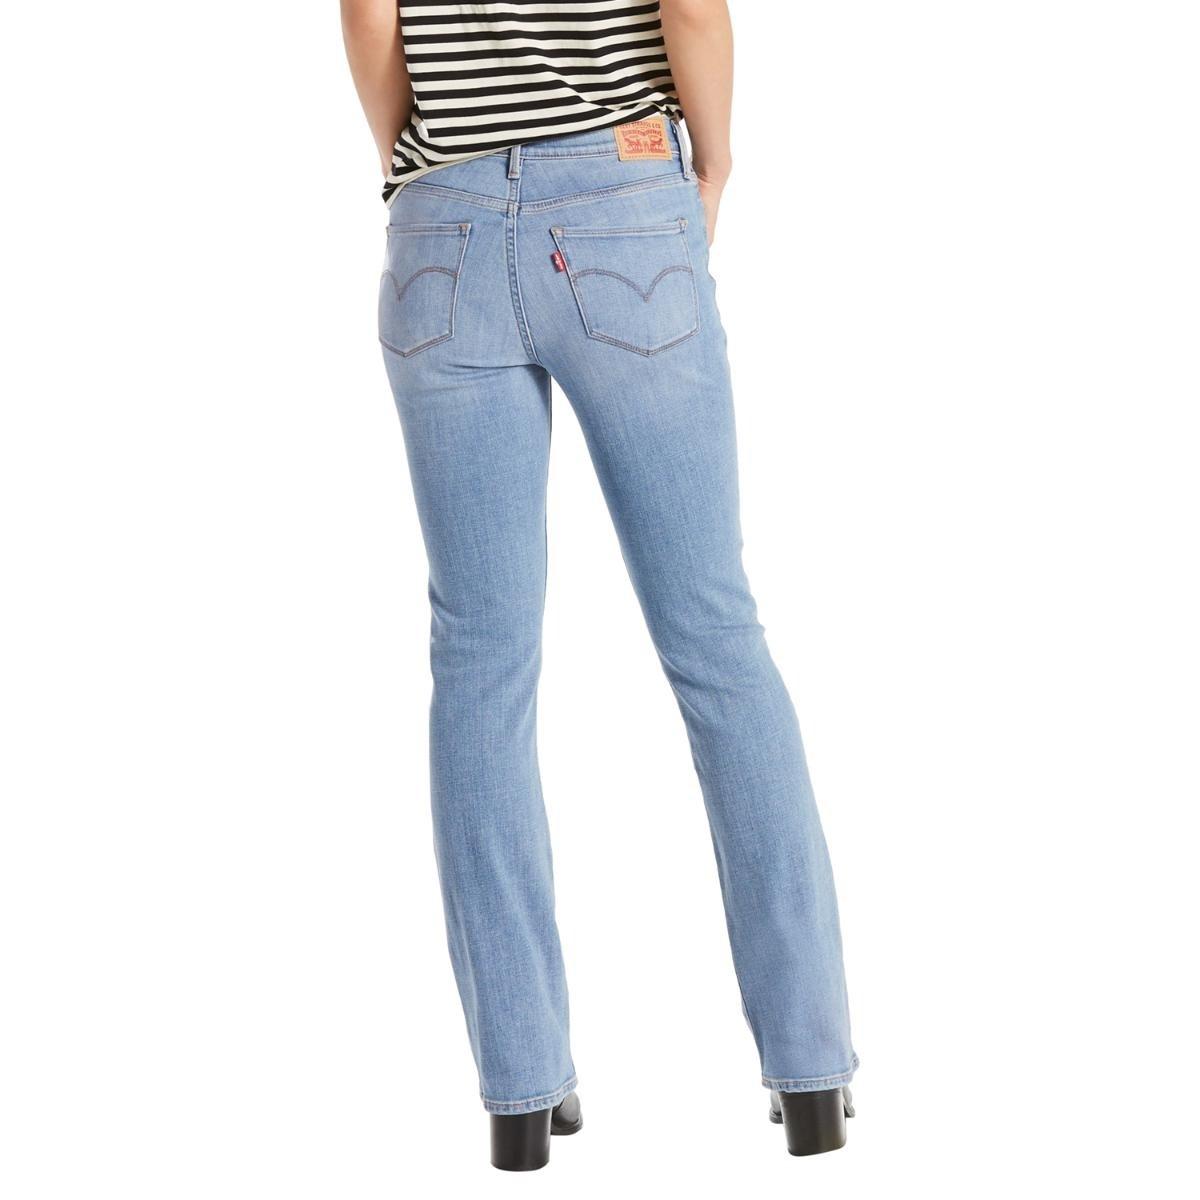 Calça Jeans Levis Shaping Bootcut Claro - Azul - Compre Agora  bcdf7e8312b